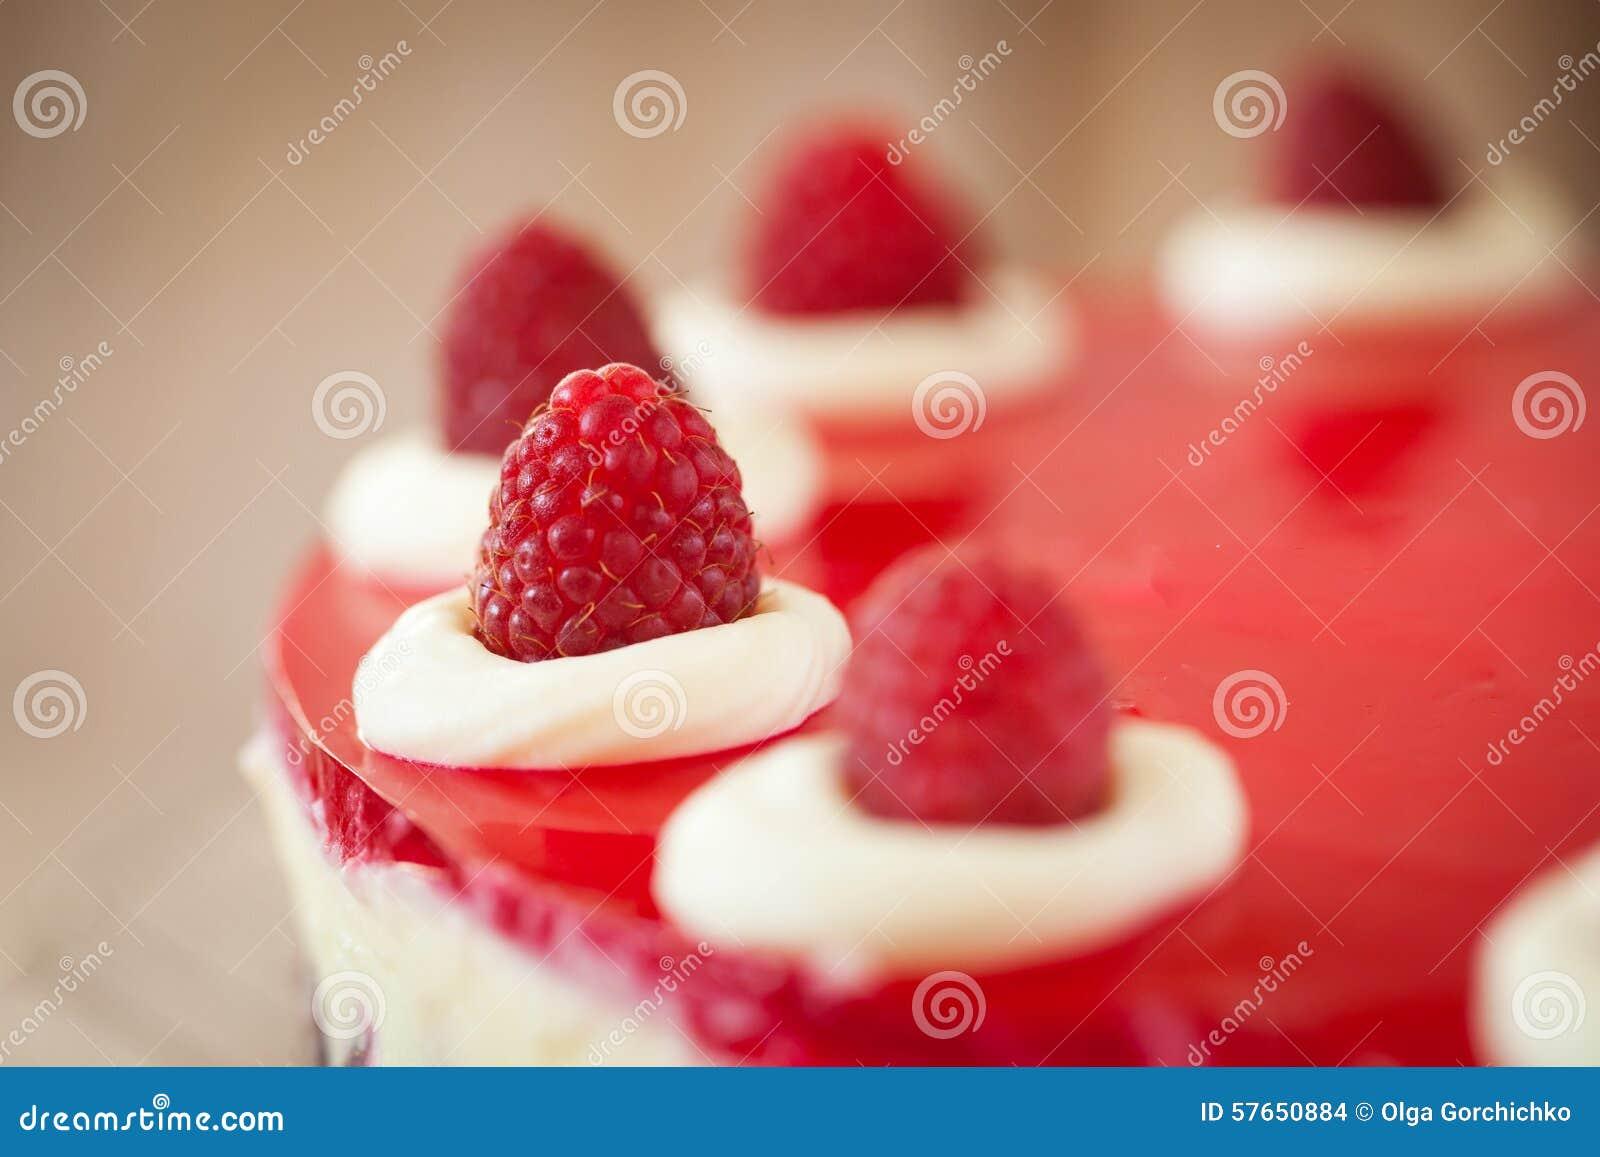 Wierzchołek malinowy cheesecake